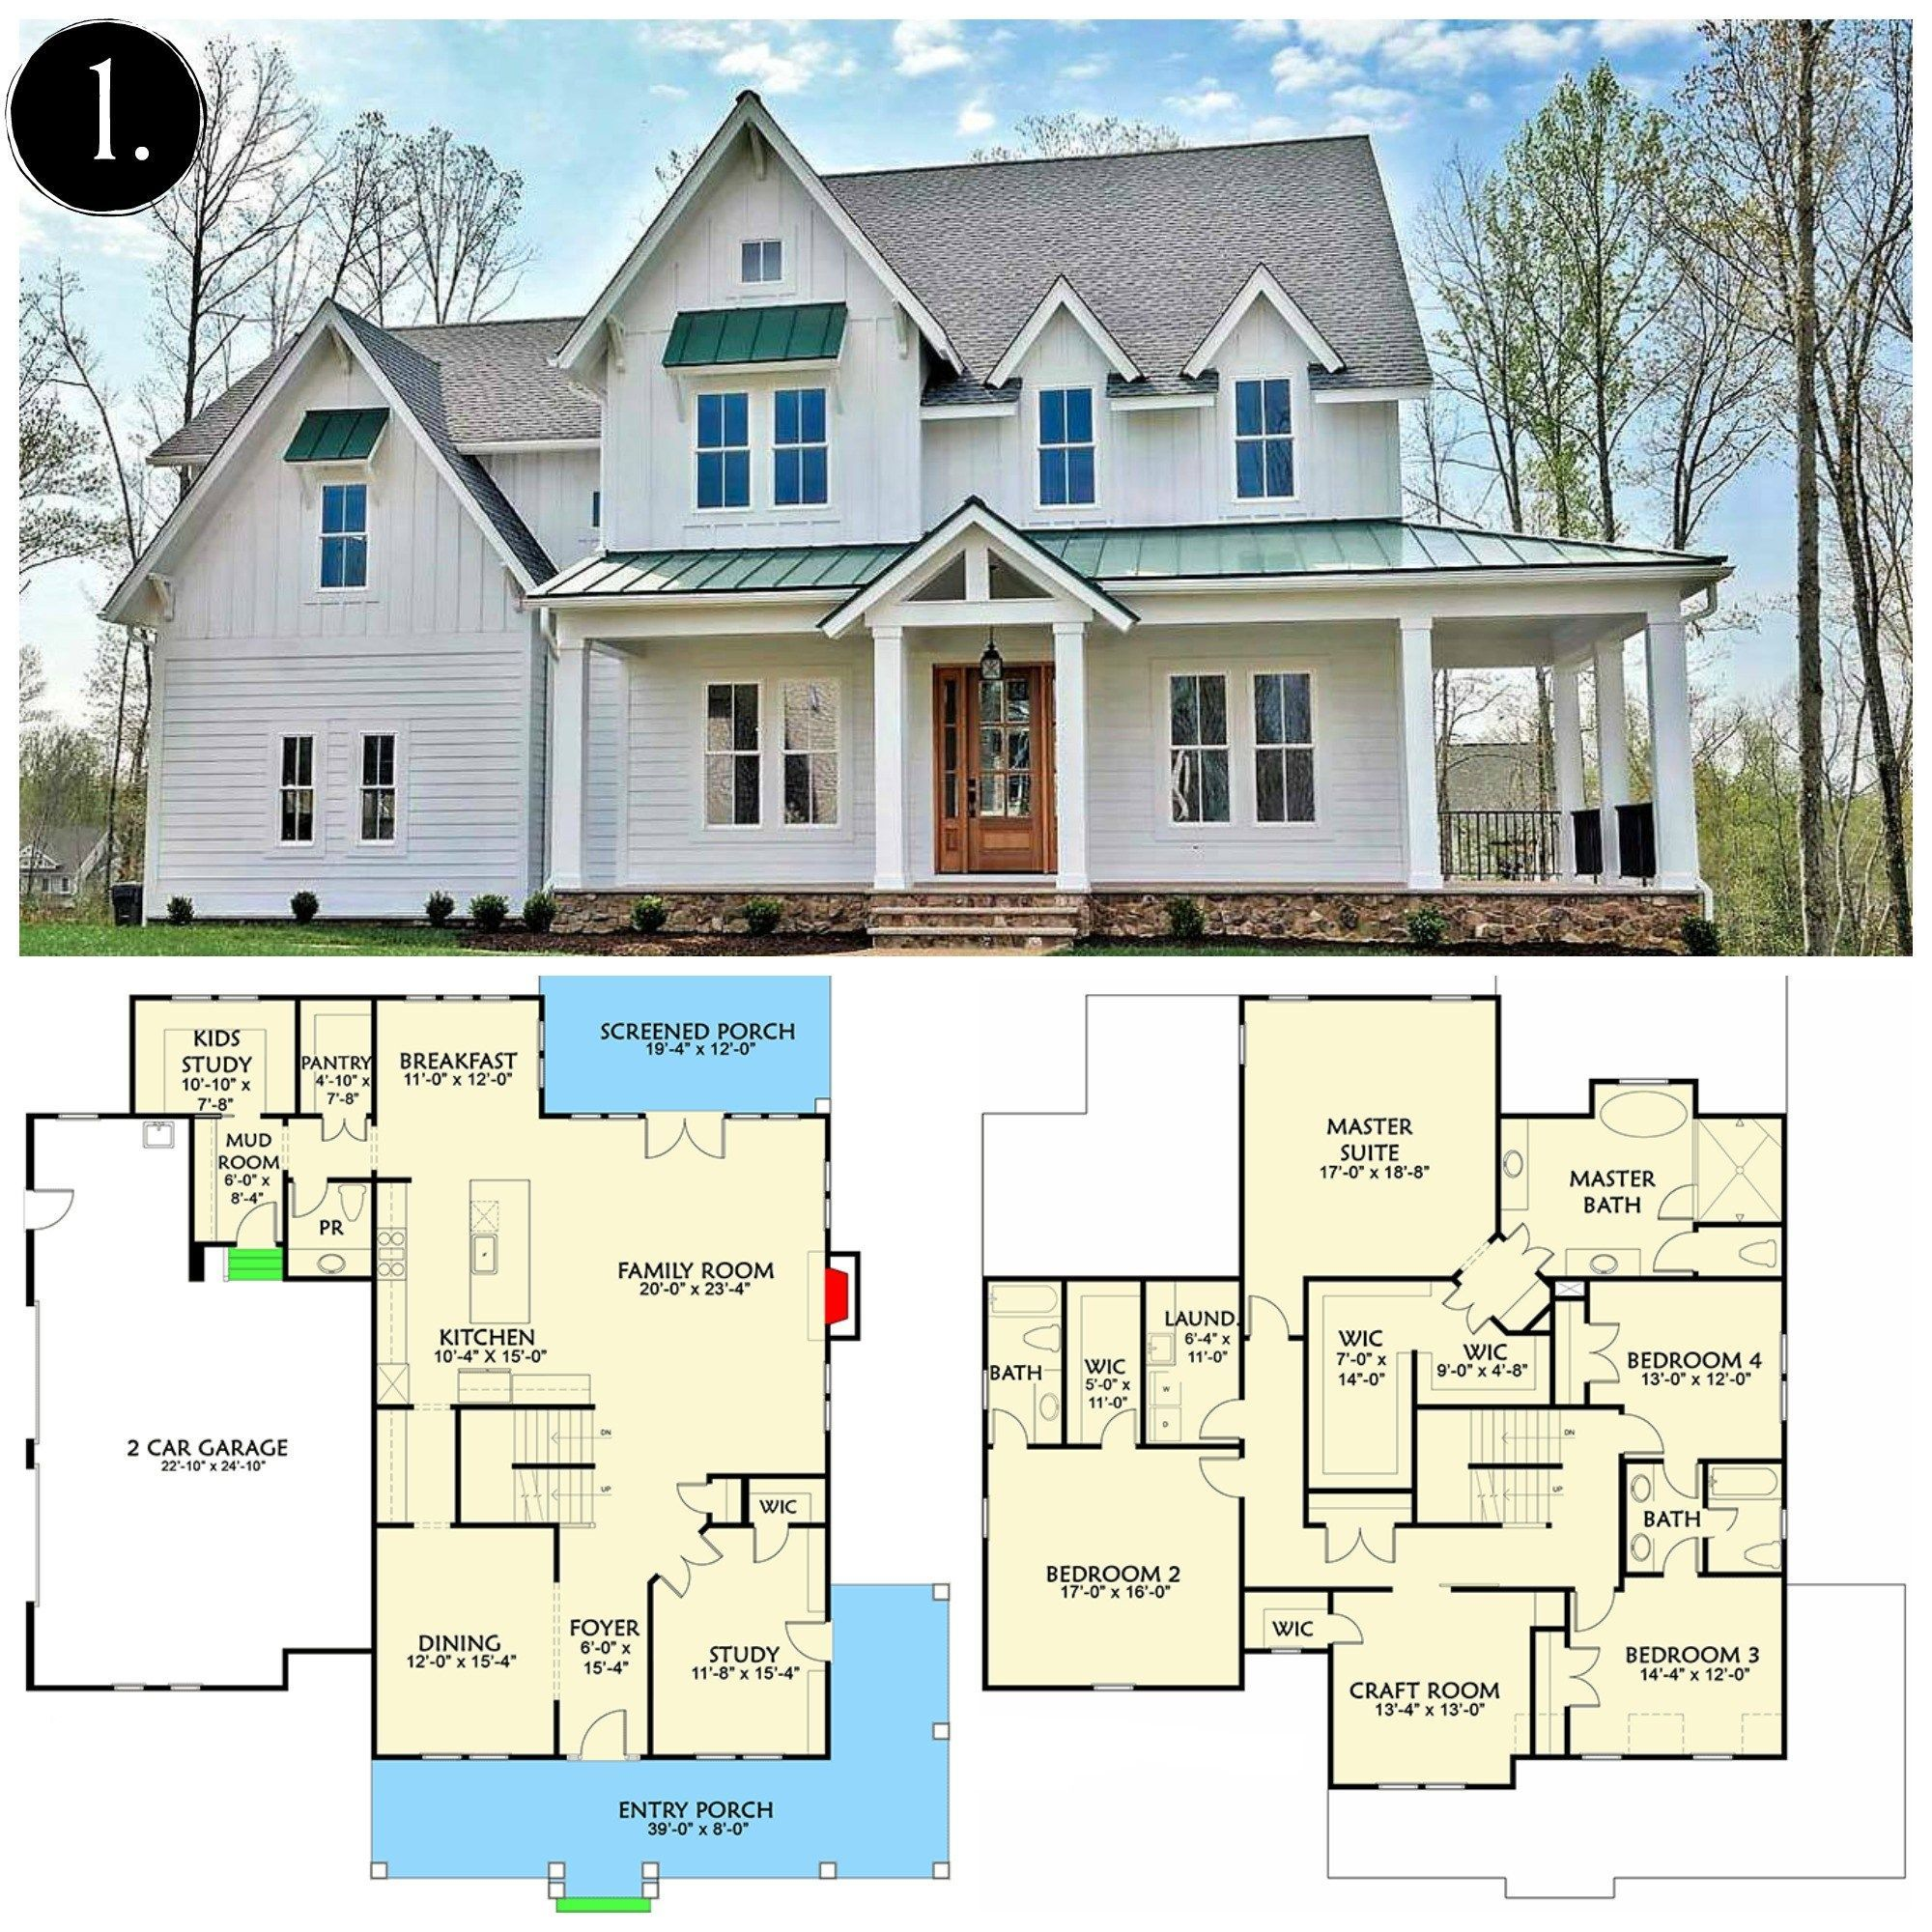 How To 10 Modern Farmhouse Floor Plans I Love Rooms For Rent Blog Farm House Plan How T Farmhouse Floor Plans Modern Farmhouse Plans Modern Farmhouse Floorplan